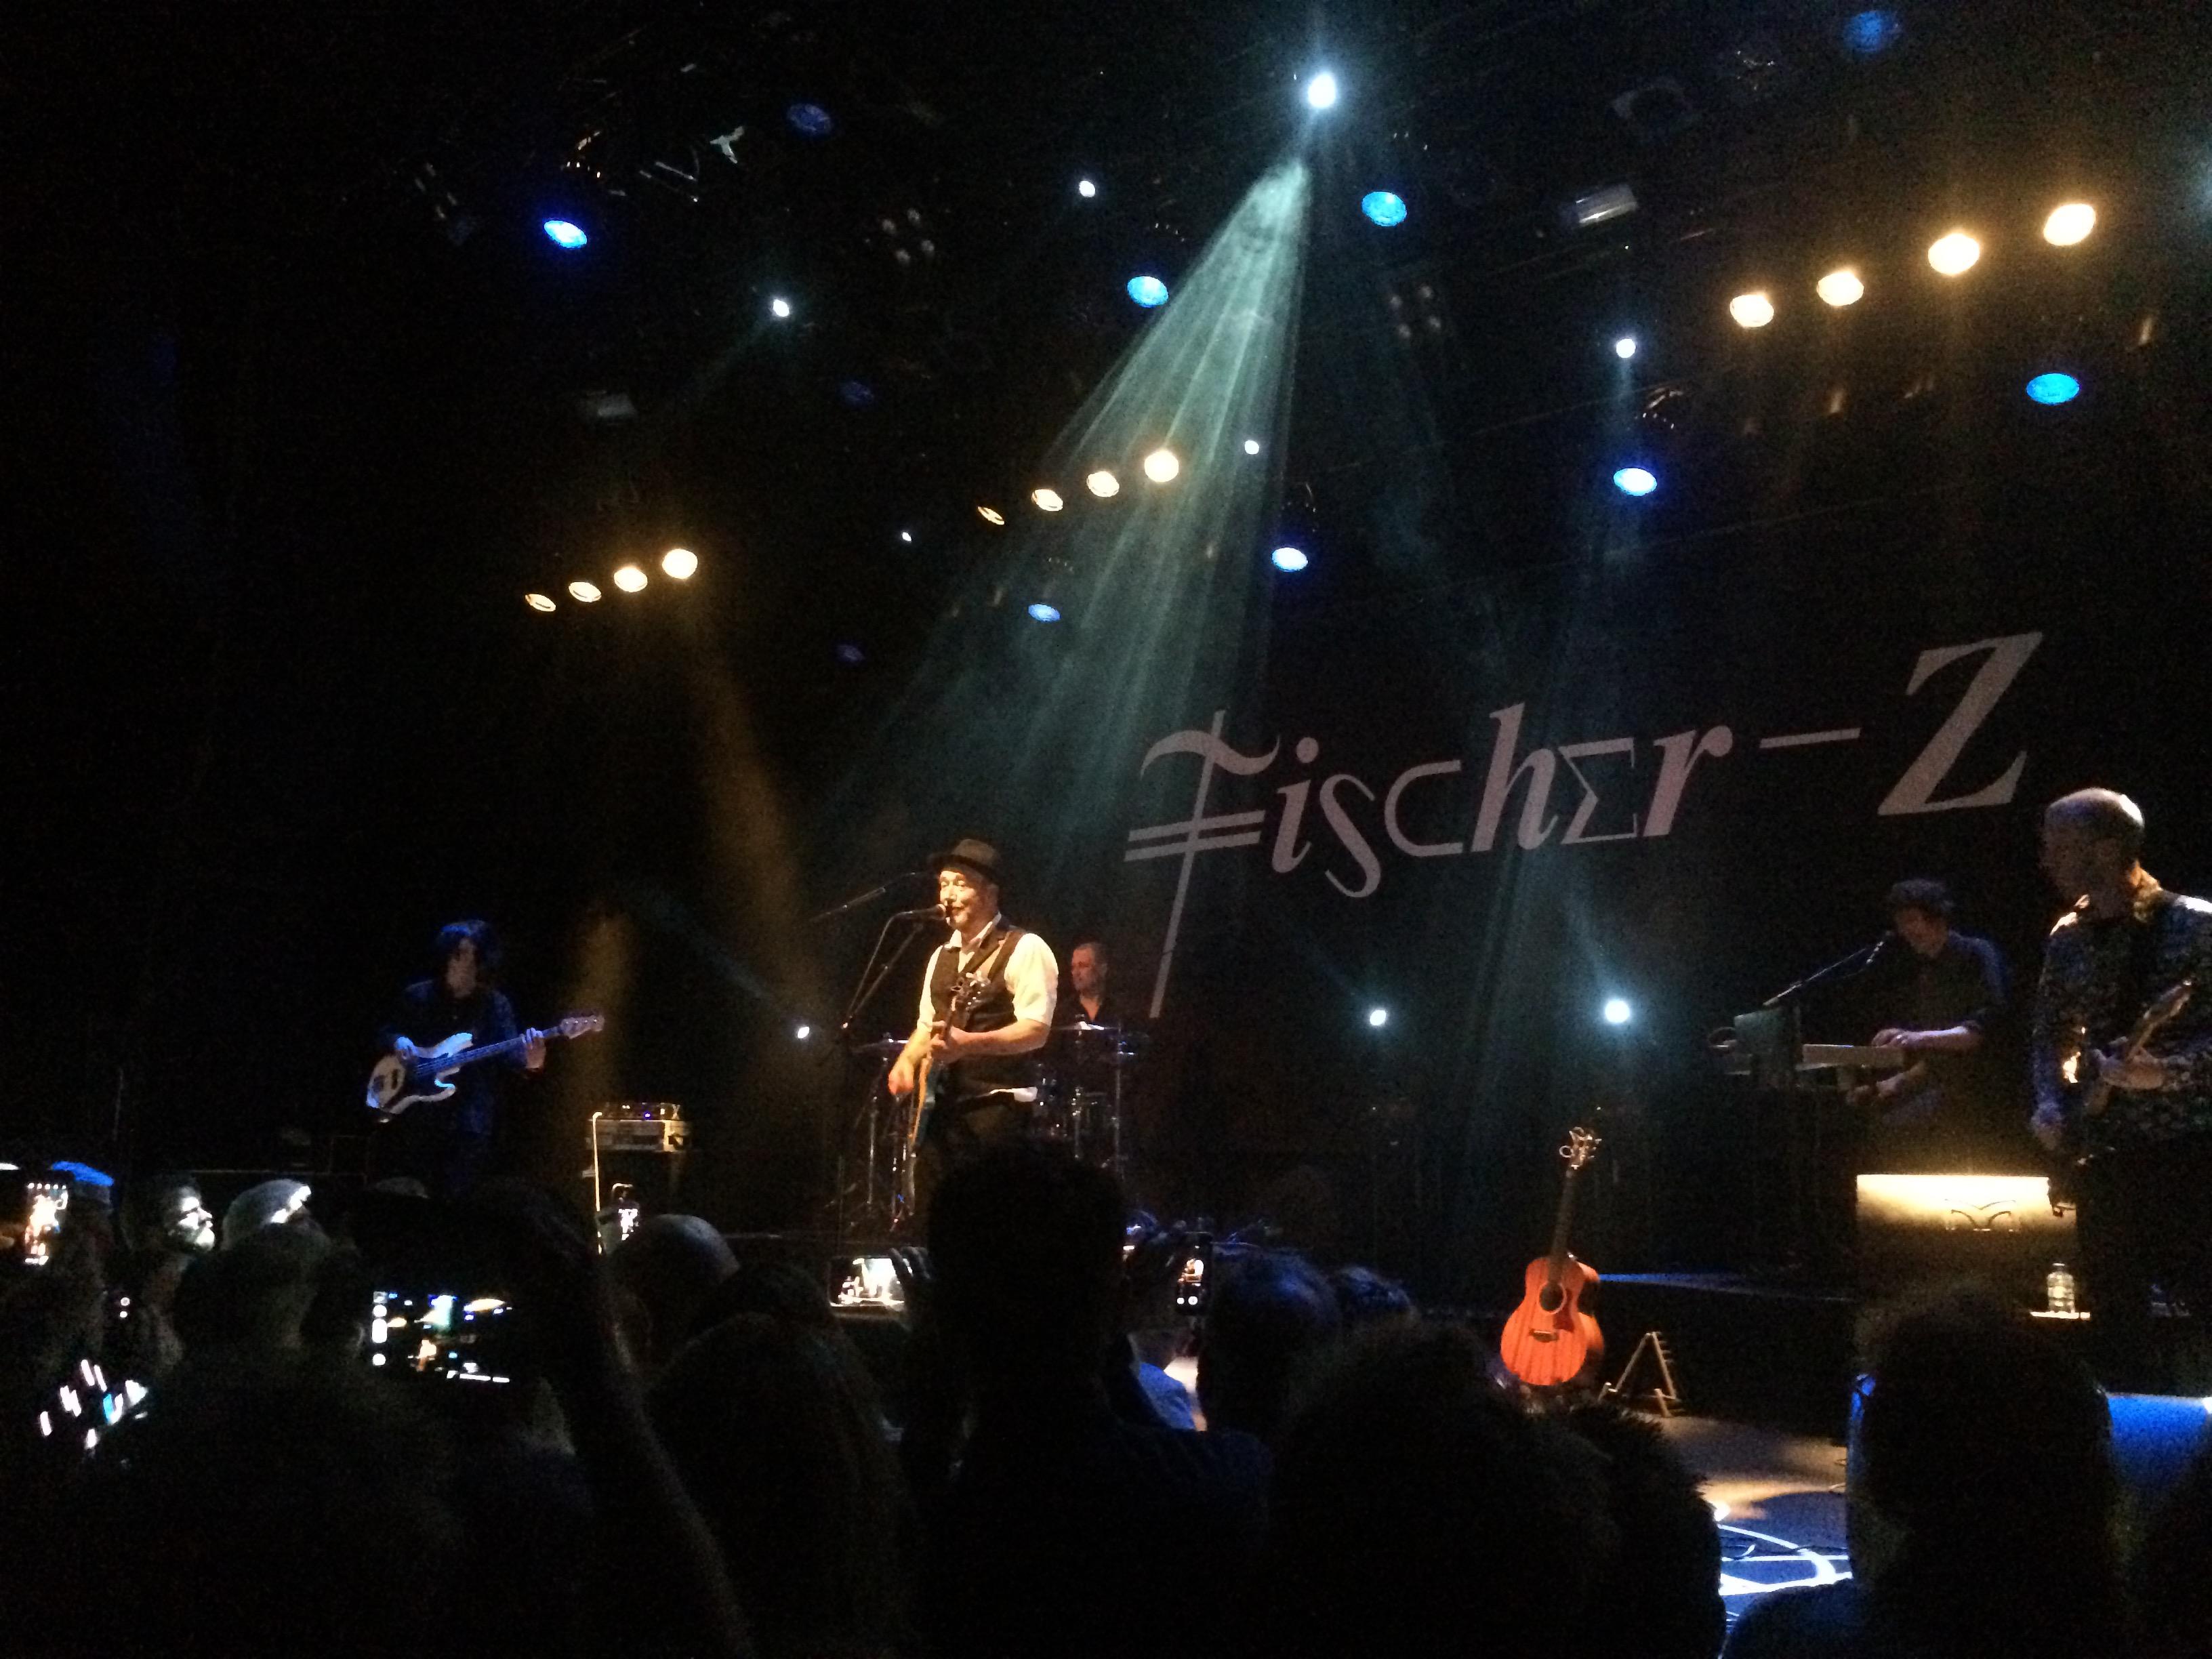 Concertreview: Fischer-Z in Hengelo-oo-oo